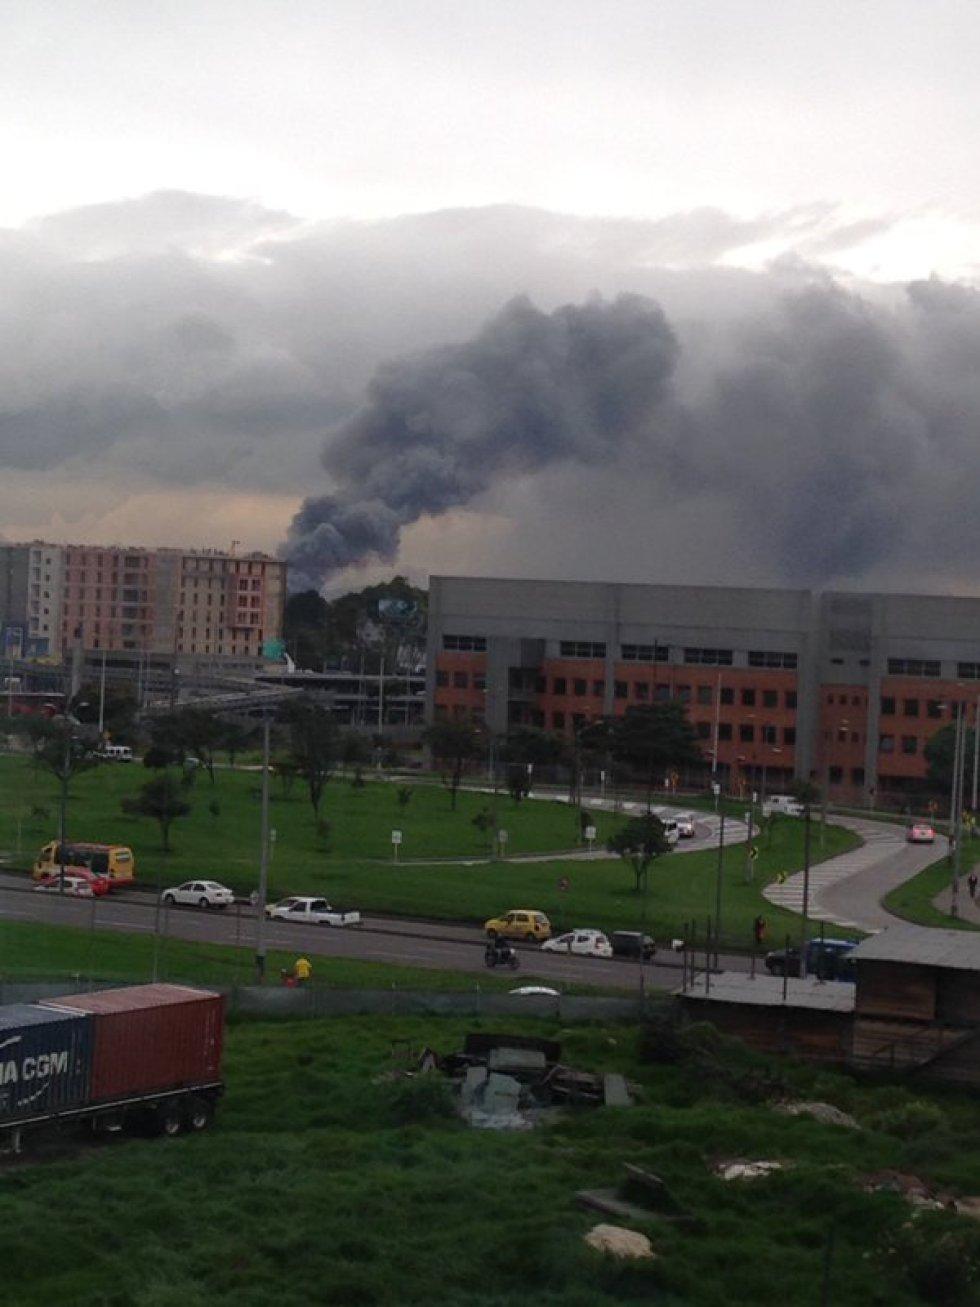 La nube de humo cubrió buena parte de la zona